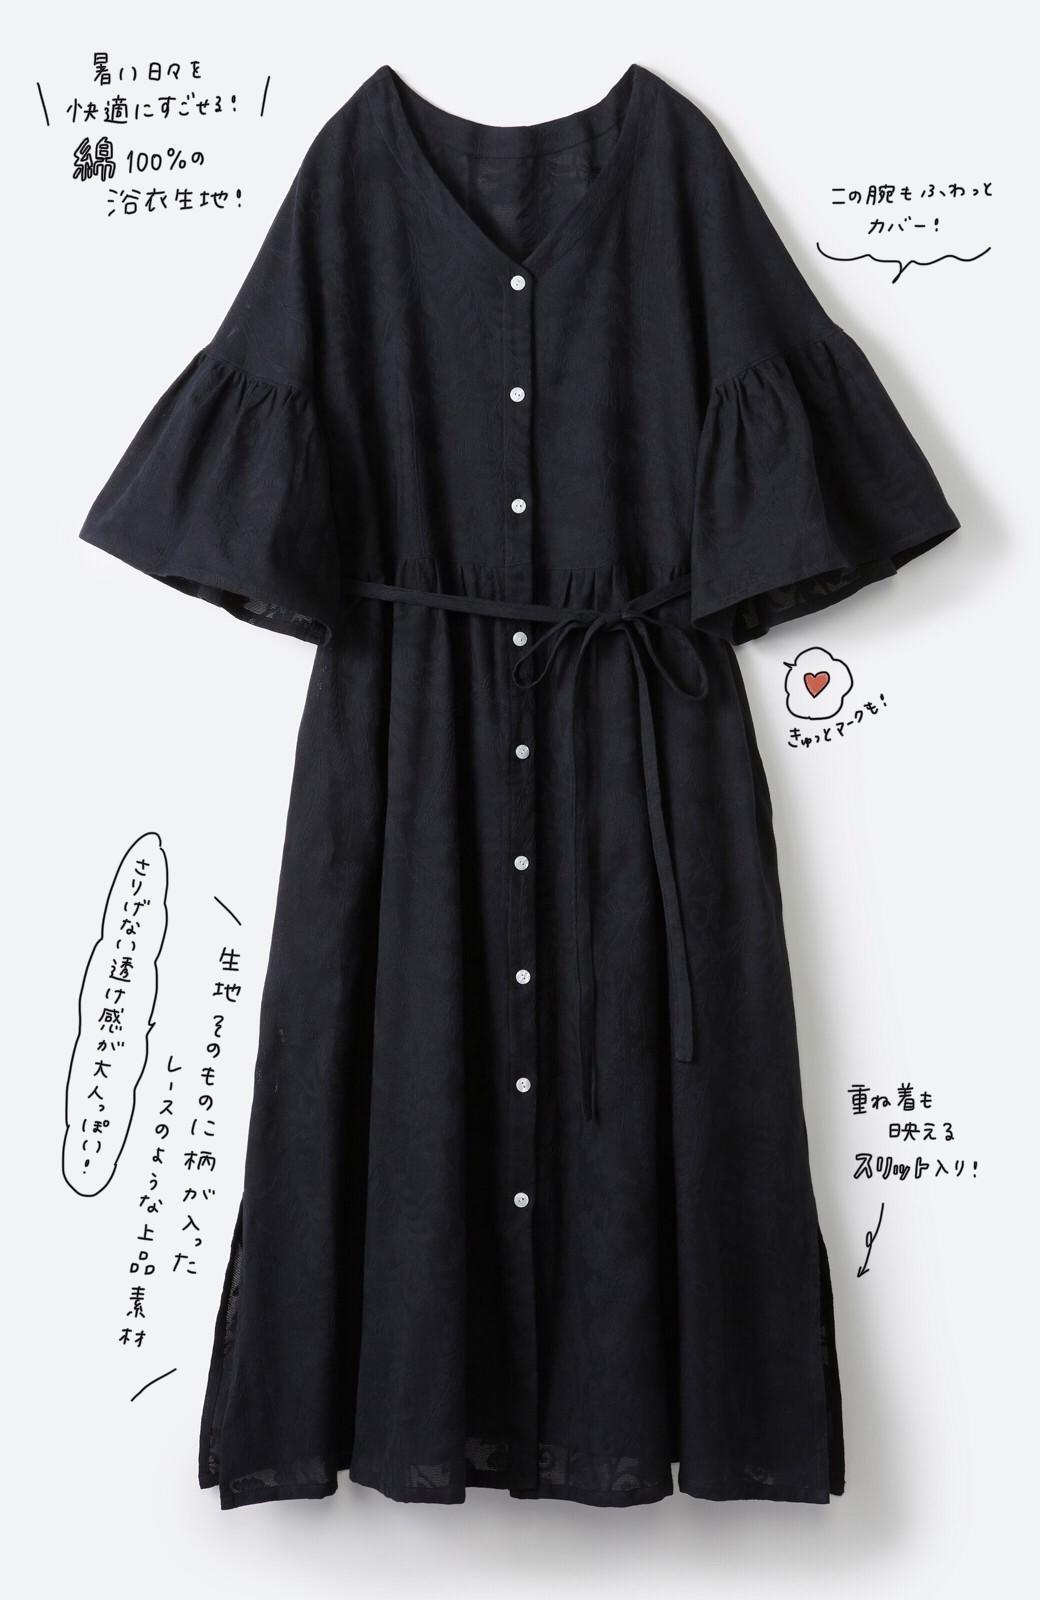 haco! 京都の浴衣屋さんと作った浴衣生地の羽織りにもなるワンピース <ブラック>の商品写真3